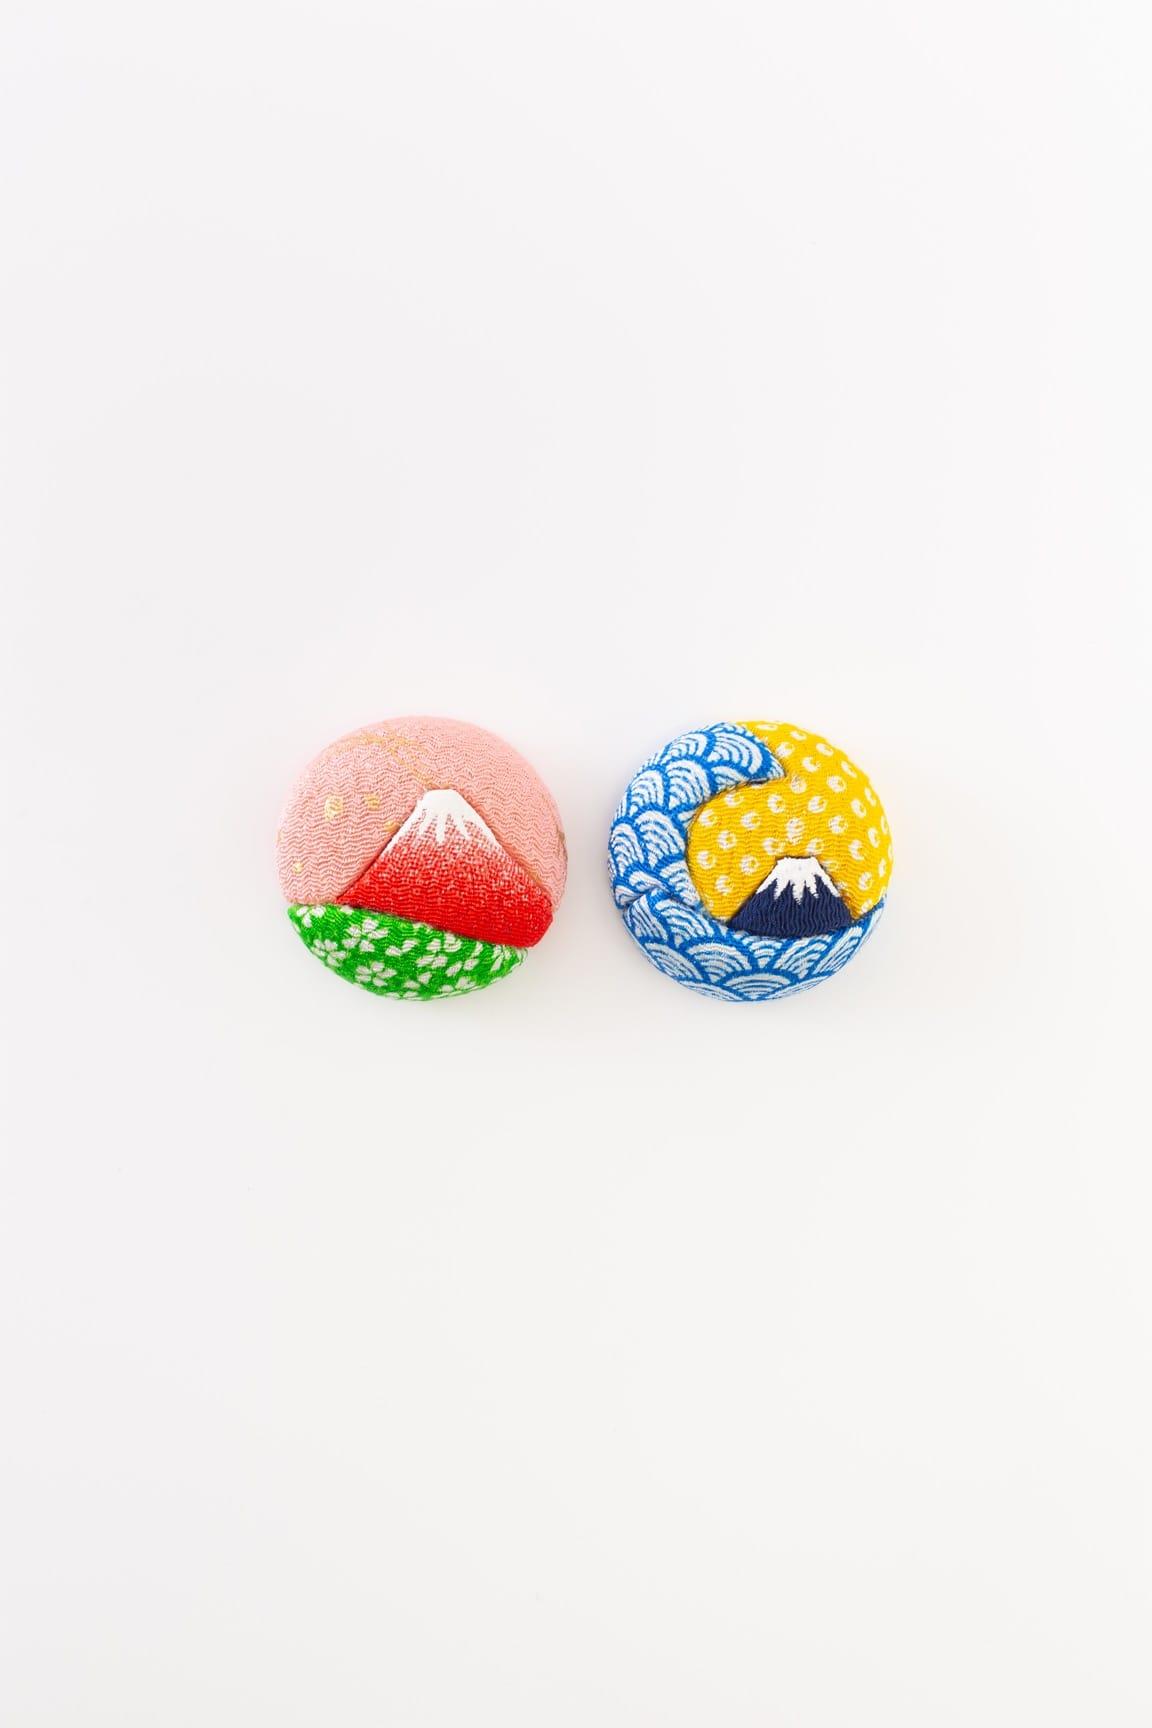 神奈川沖浪裏(黄)&凱風快晴